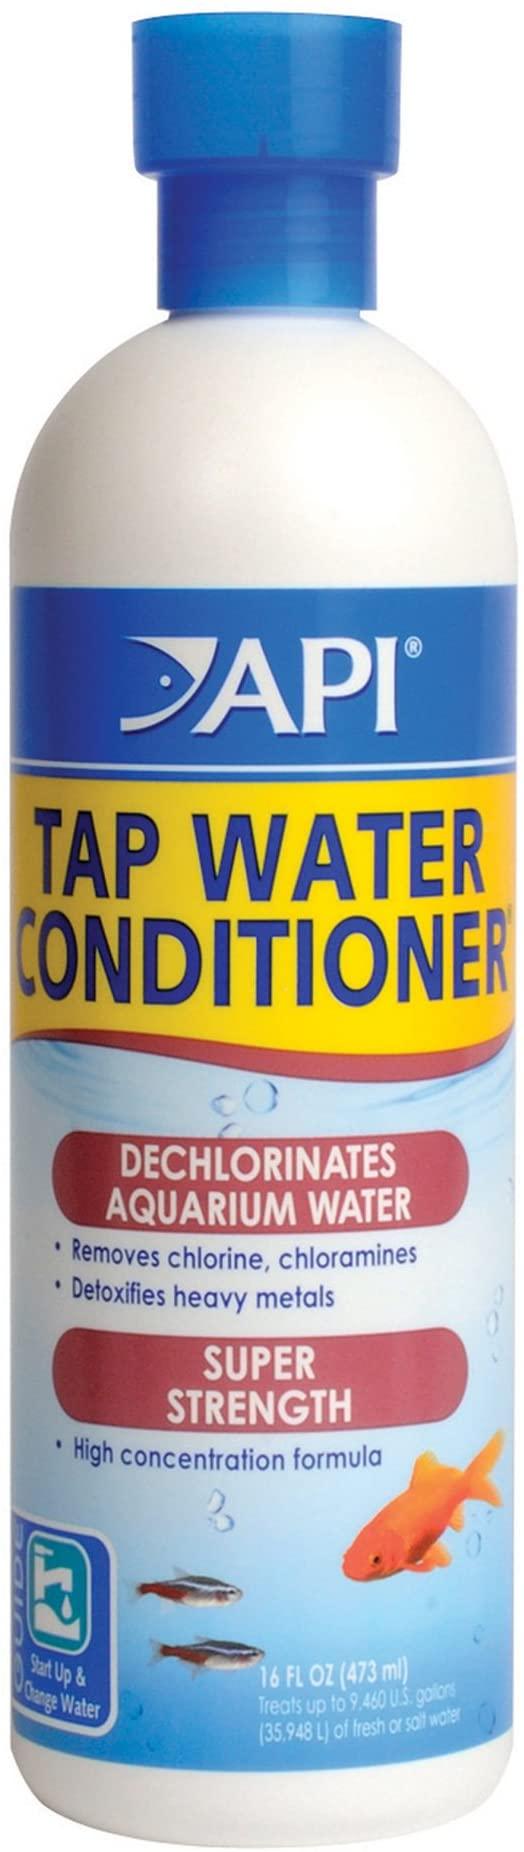 API 52C product image 2